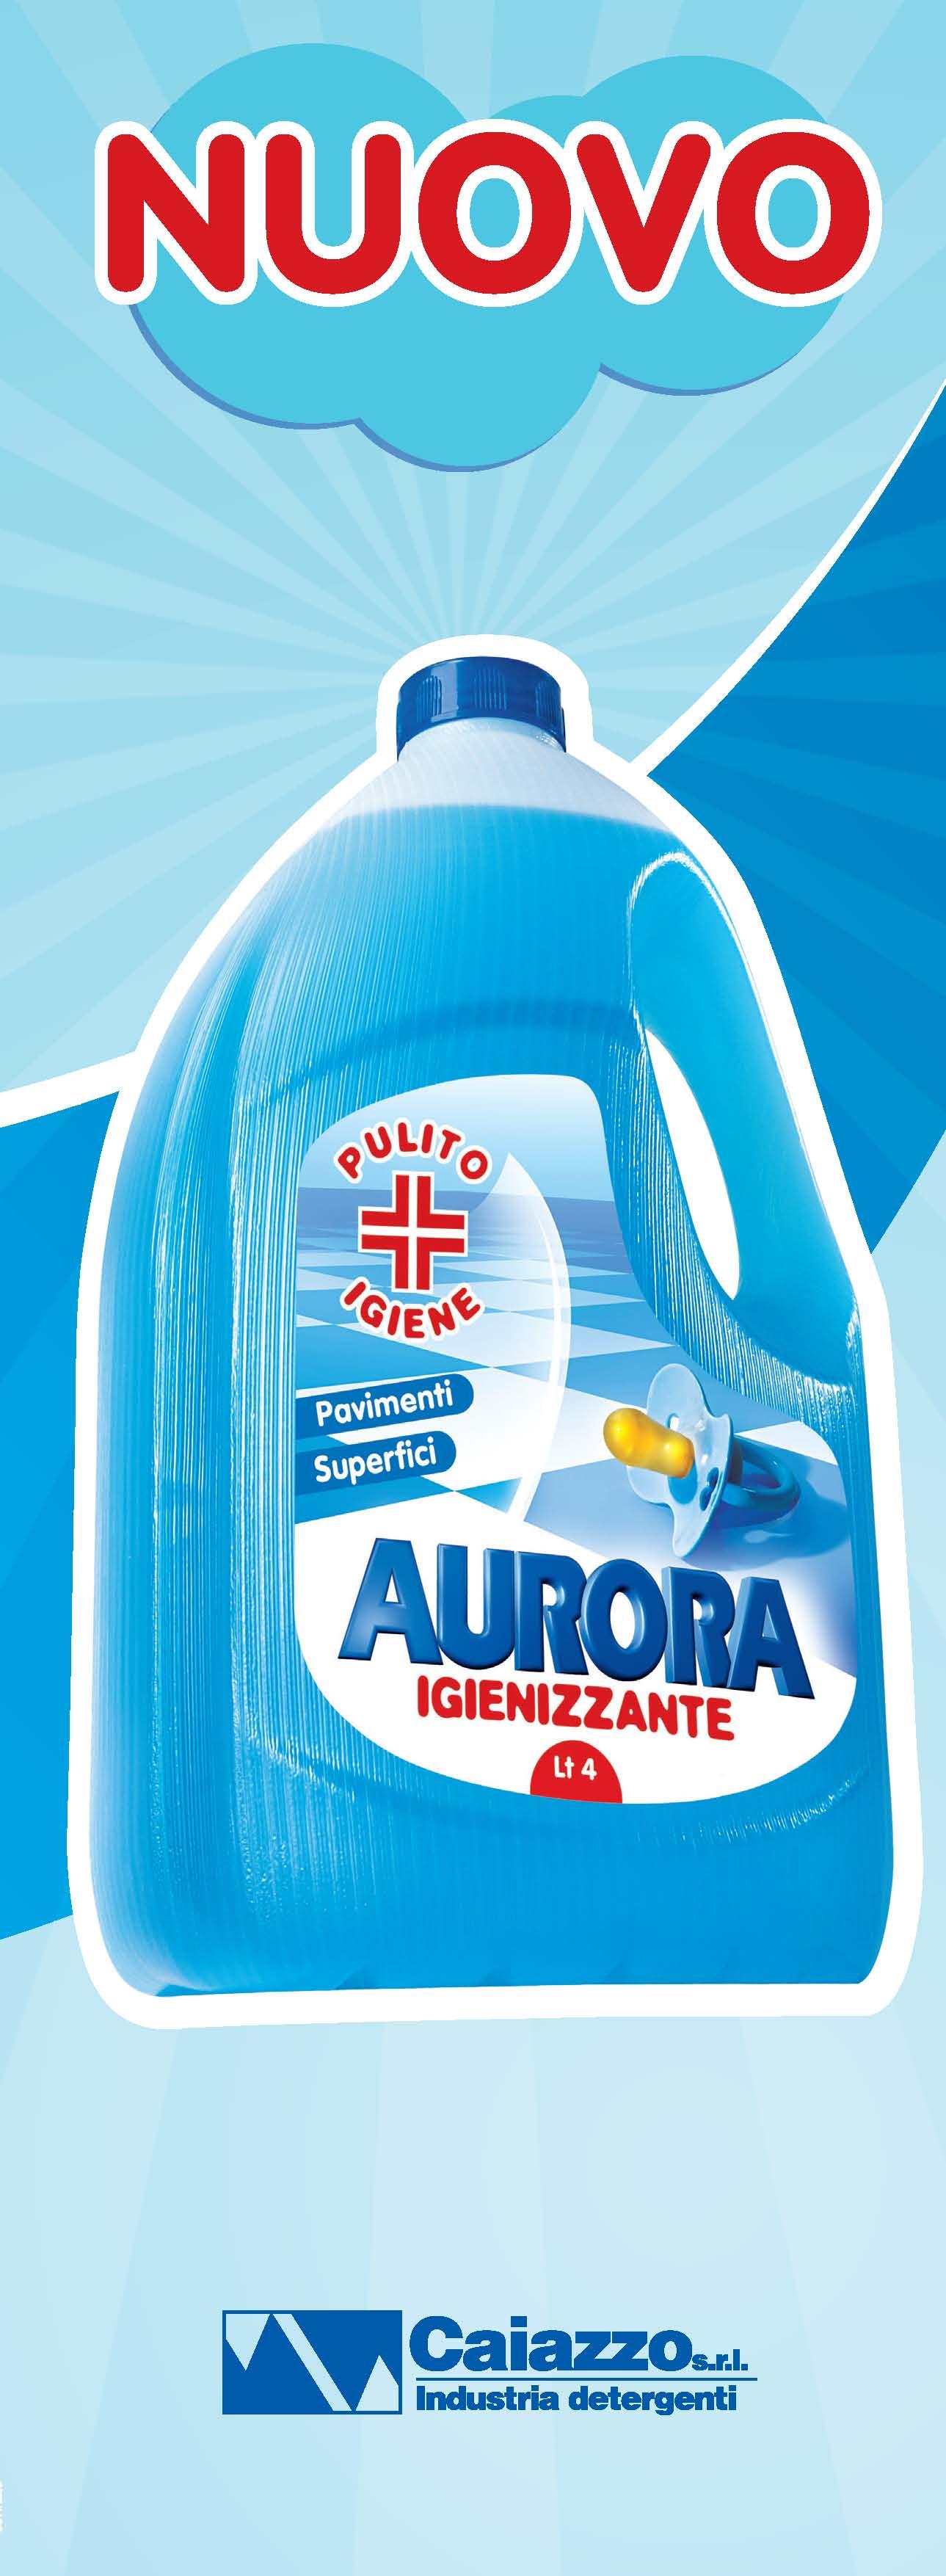 Aurora detergenti copywriting leaflet